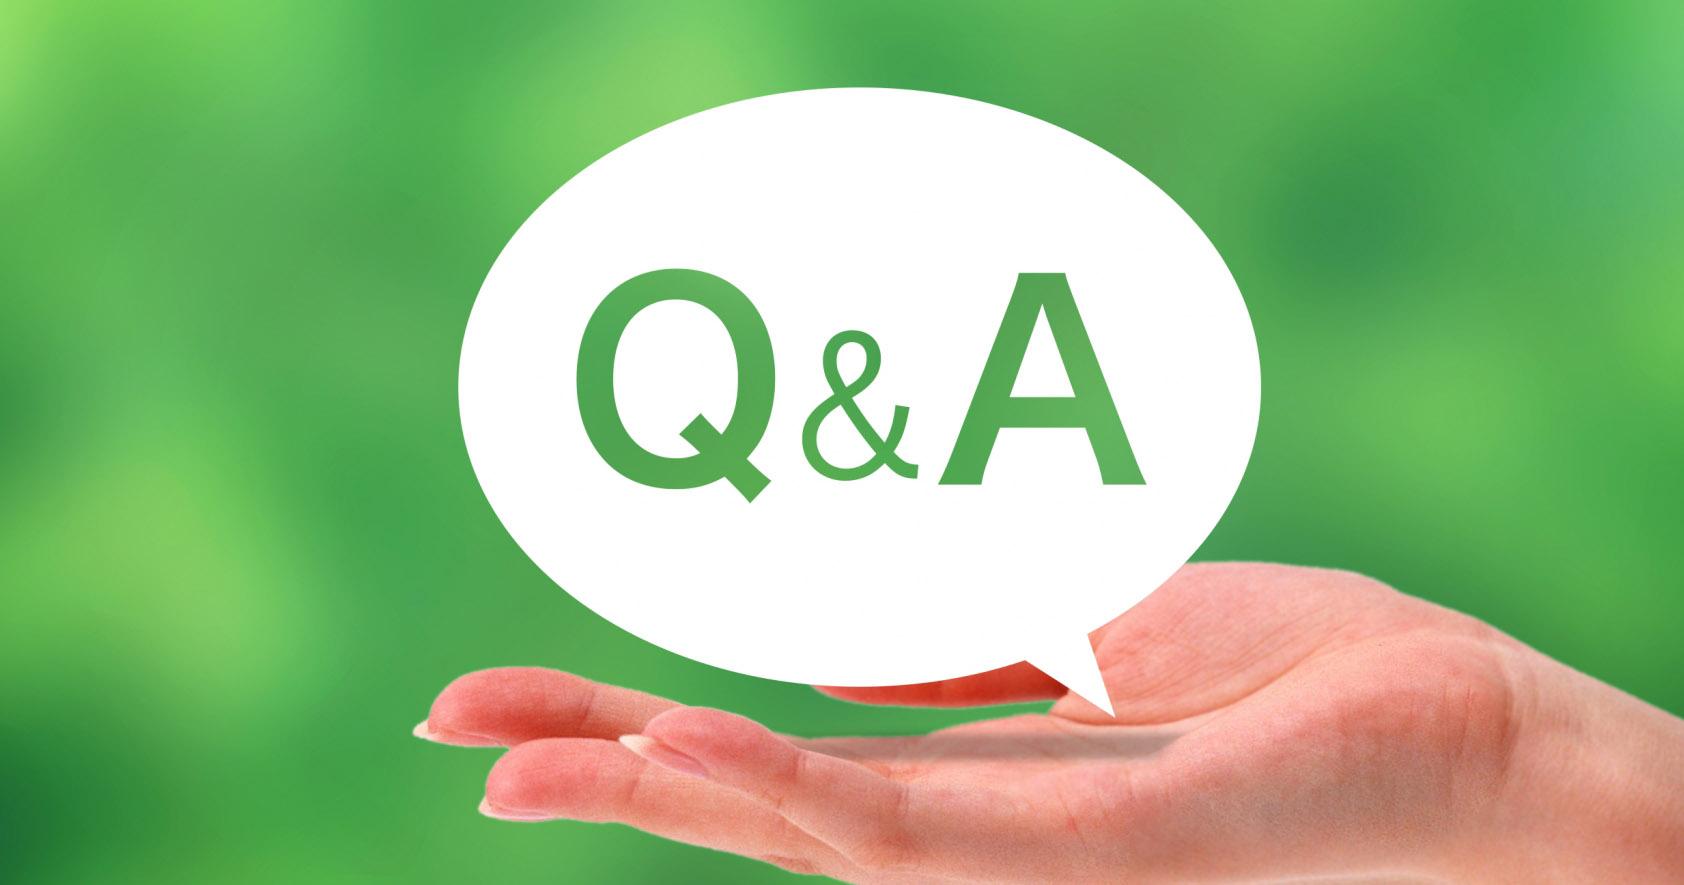 おもちゃの木に寄せられる質問と答えを紹介します。